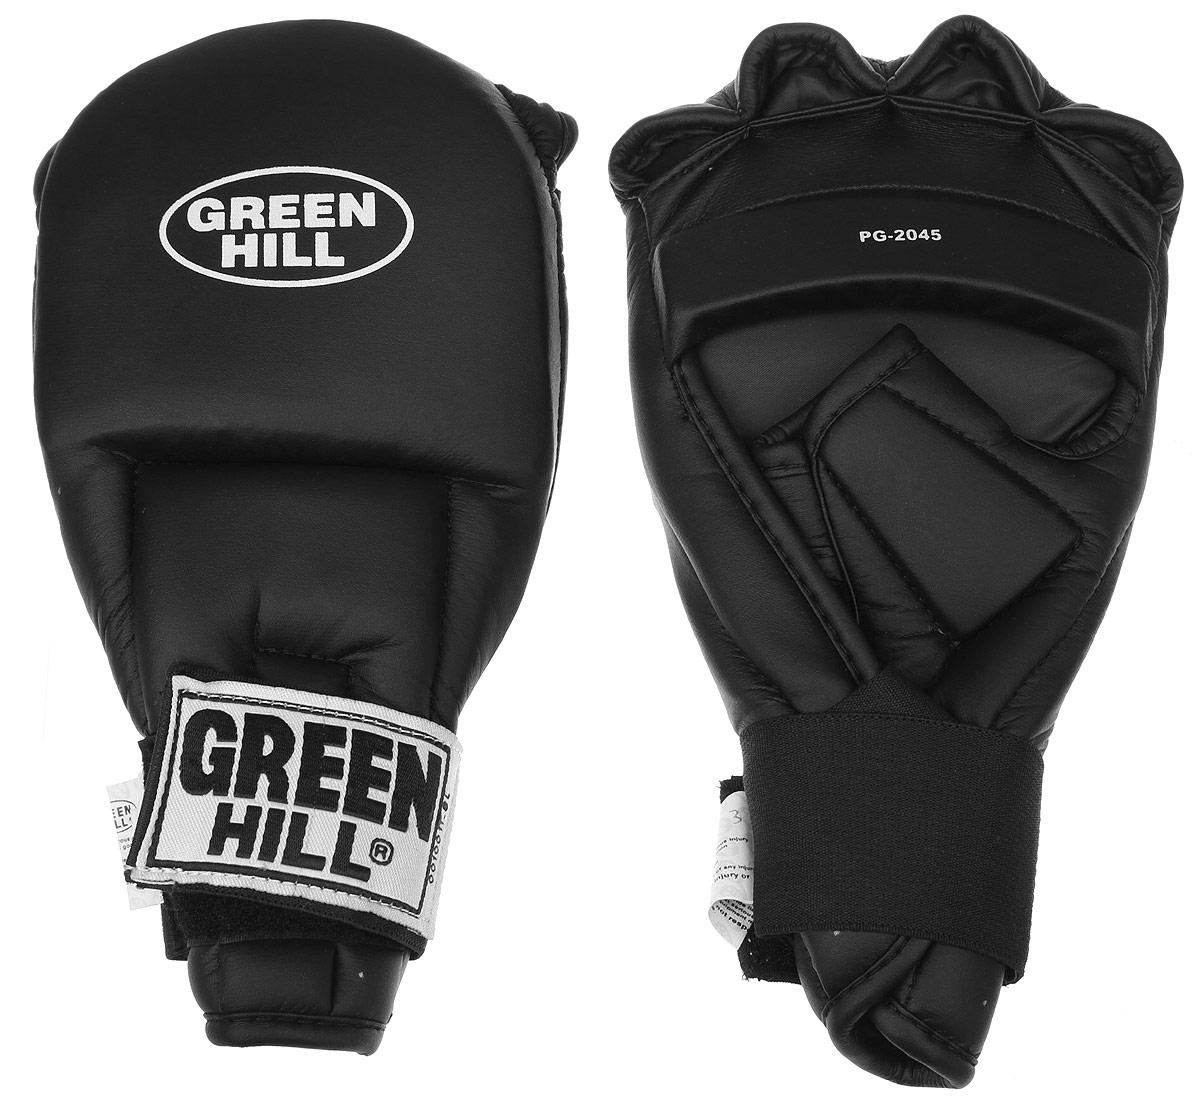 Перчатки для рукопашного боя Green Hill, цвет: черный. Размер L. PG-2045BGS-2039Перчатки для рукопашного боя Green Hill произведены из высококачественной искусственной кожи. Подойдут для занятий кунг-фу. Конструкция предусматривает открытые пальцы - необходимый атрибут для проведения захватов. Манжеты на липучках позволяют быстро снимать и надевать перчатки без каких-либо неудобств. Анатомическая посадка предохраняет руки от повреждений.